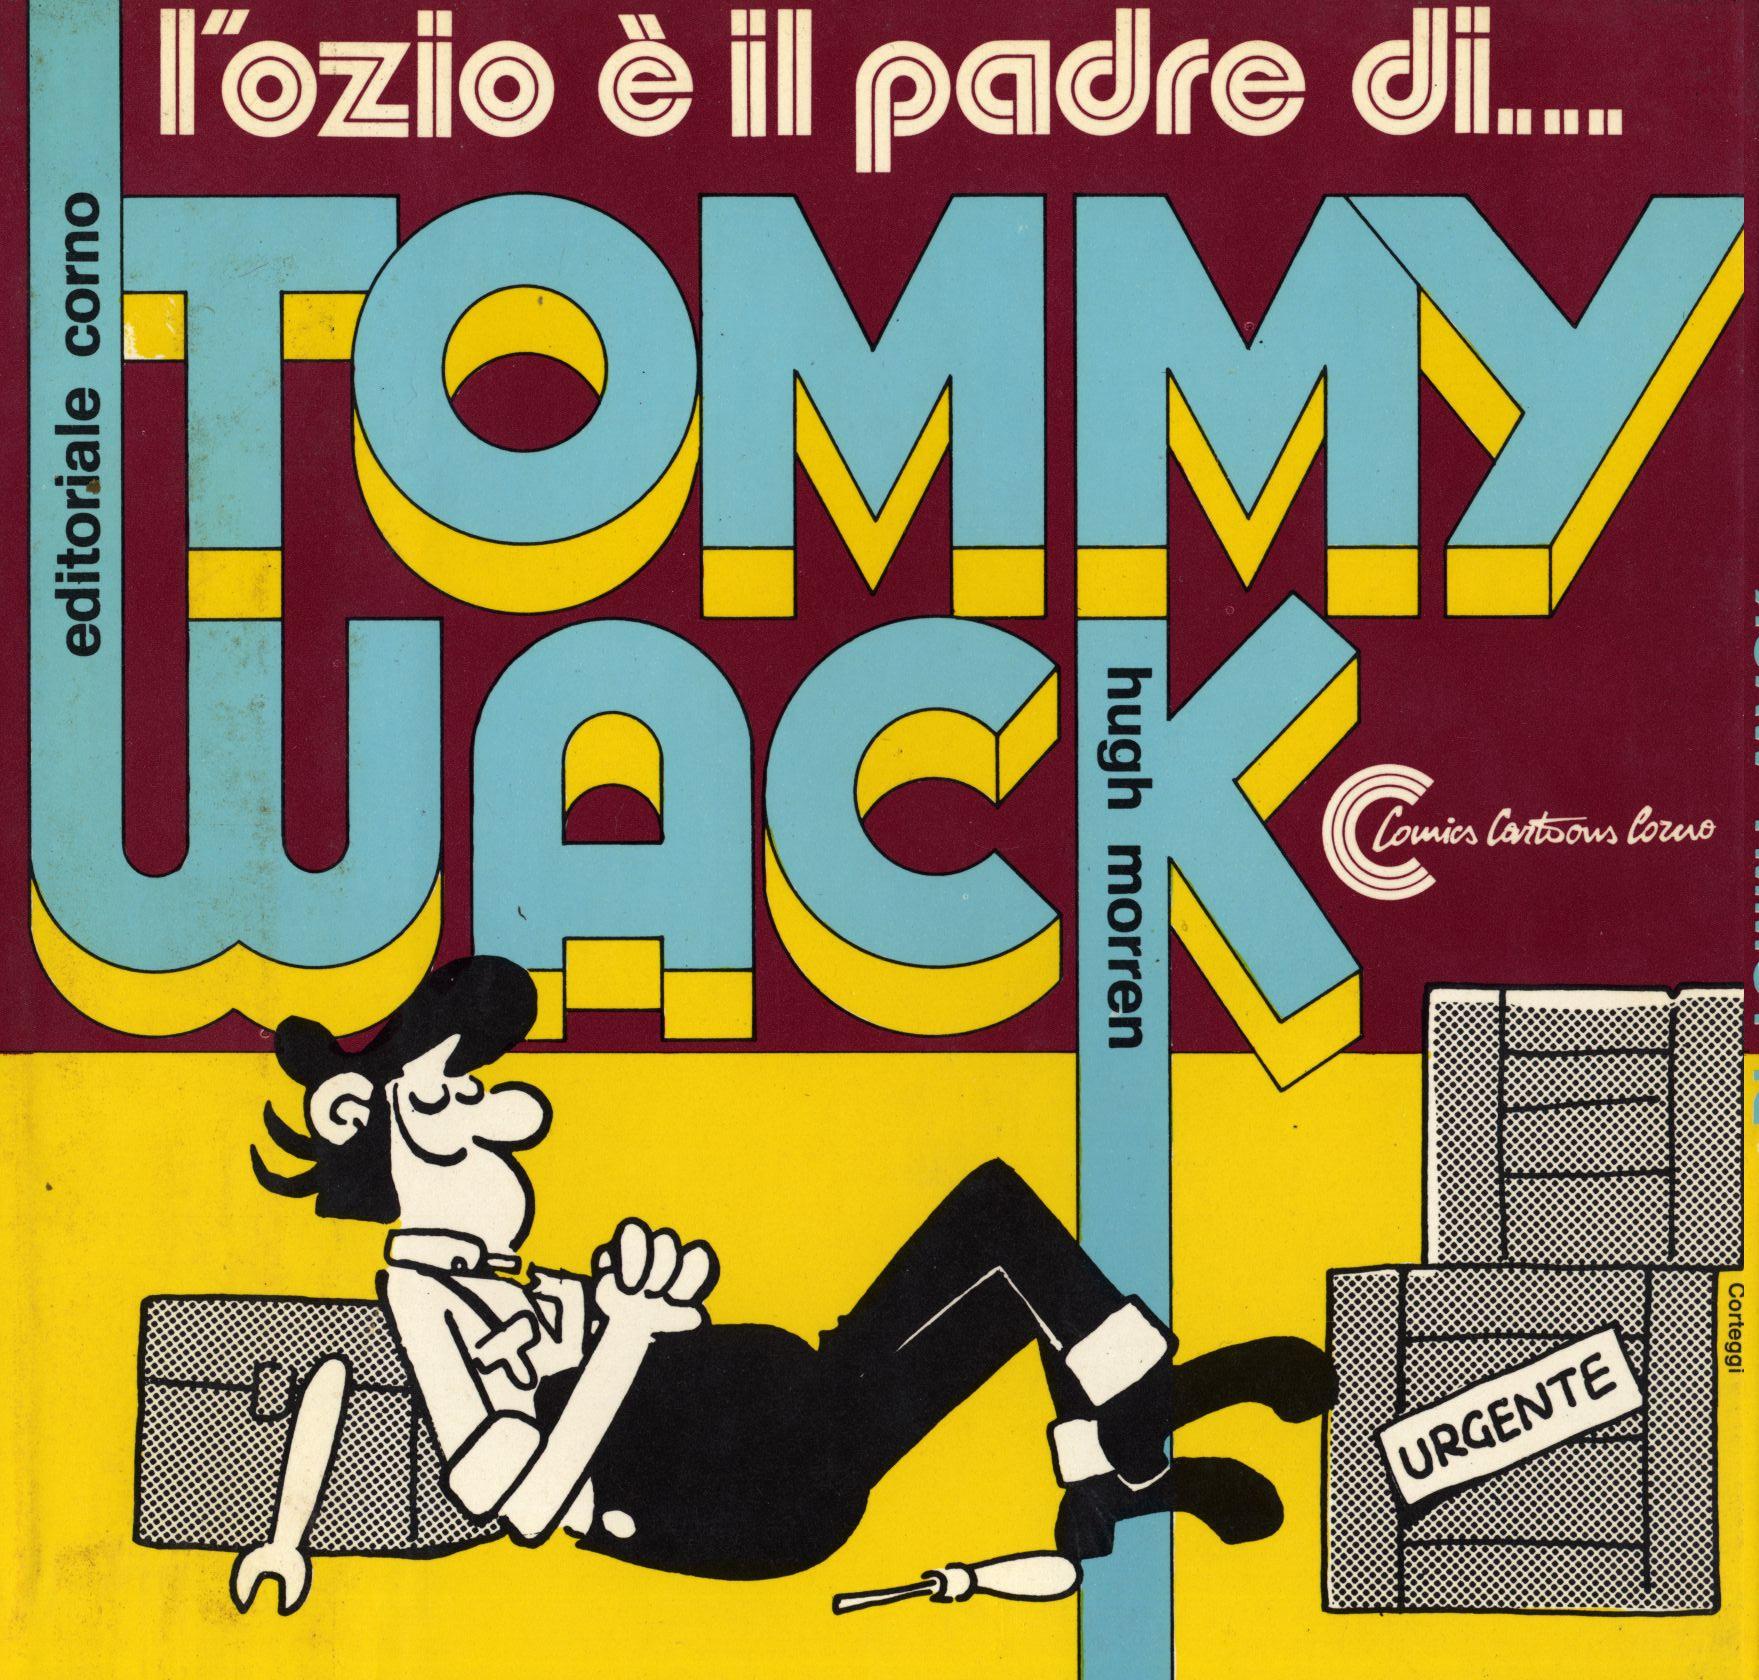 L'ozio è il padre di... Tommy Wack